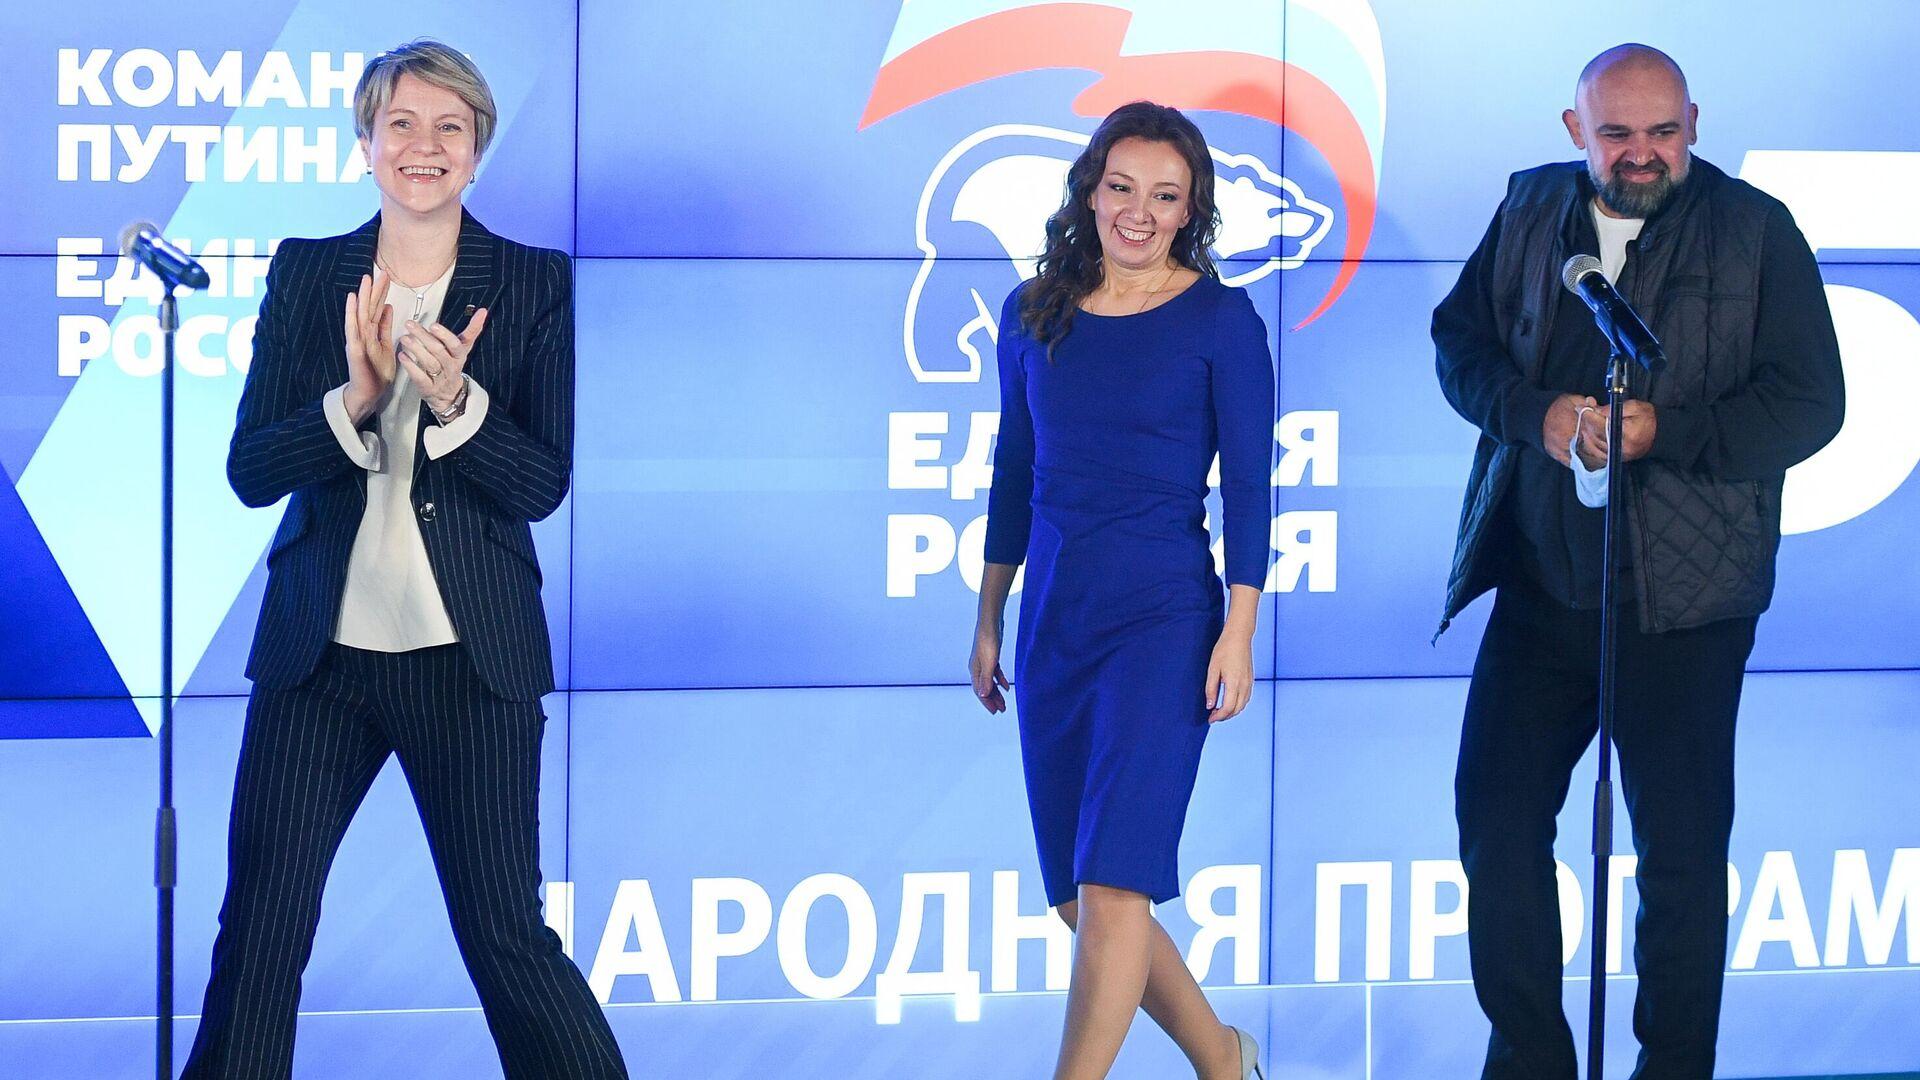 Candidatos del partido gobernante Rusia Unida, favorito de las elecciones, celebran su inminente victoria en las parlamentarias.  - Sputnik Mundo, 1920, 20.09.2021